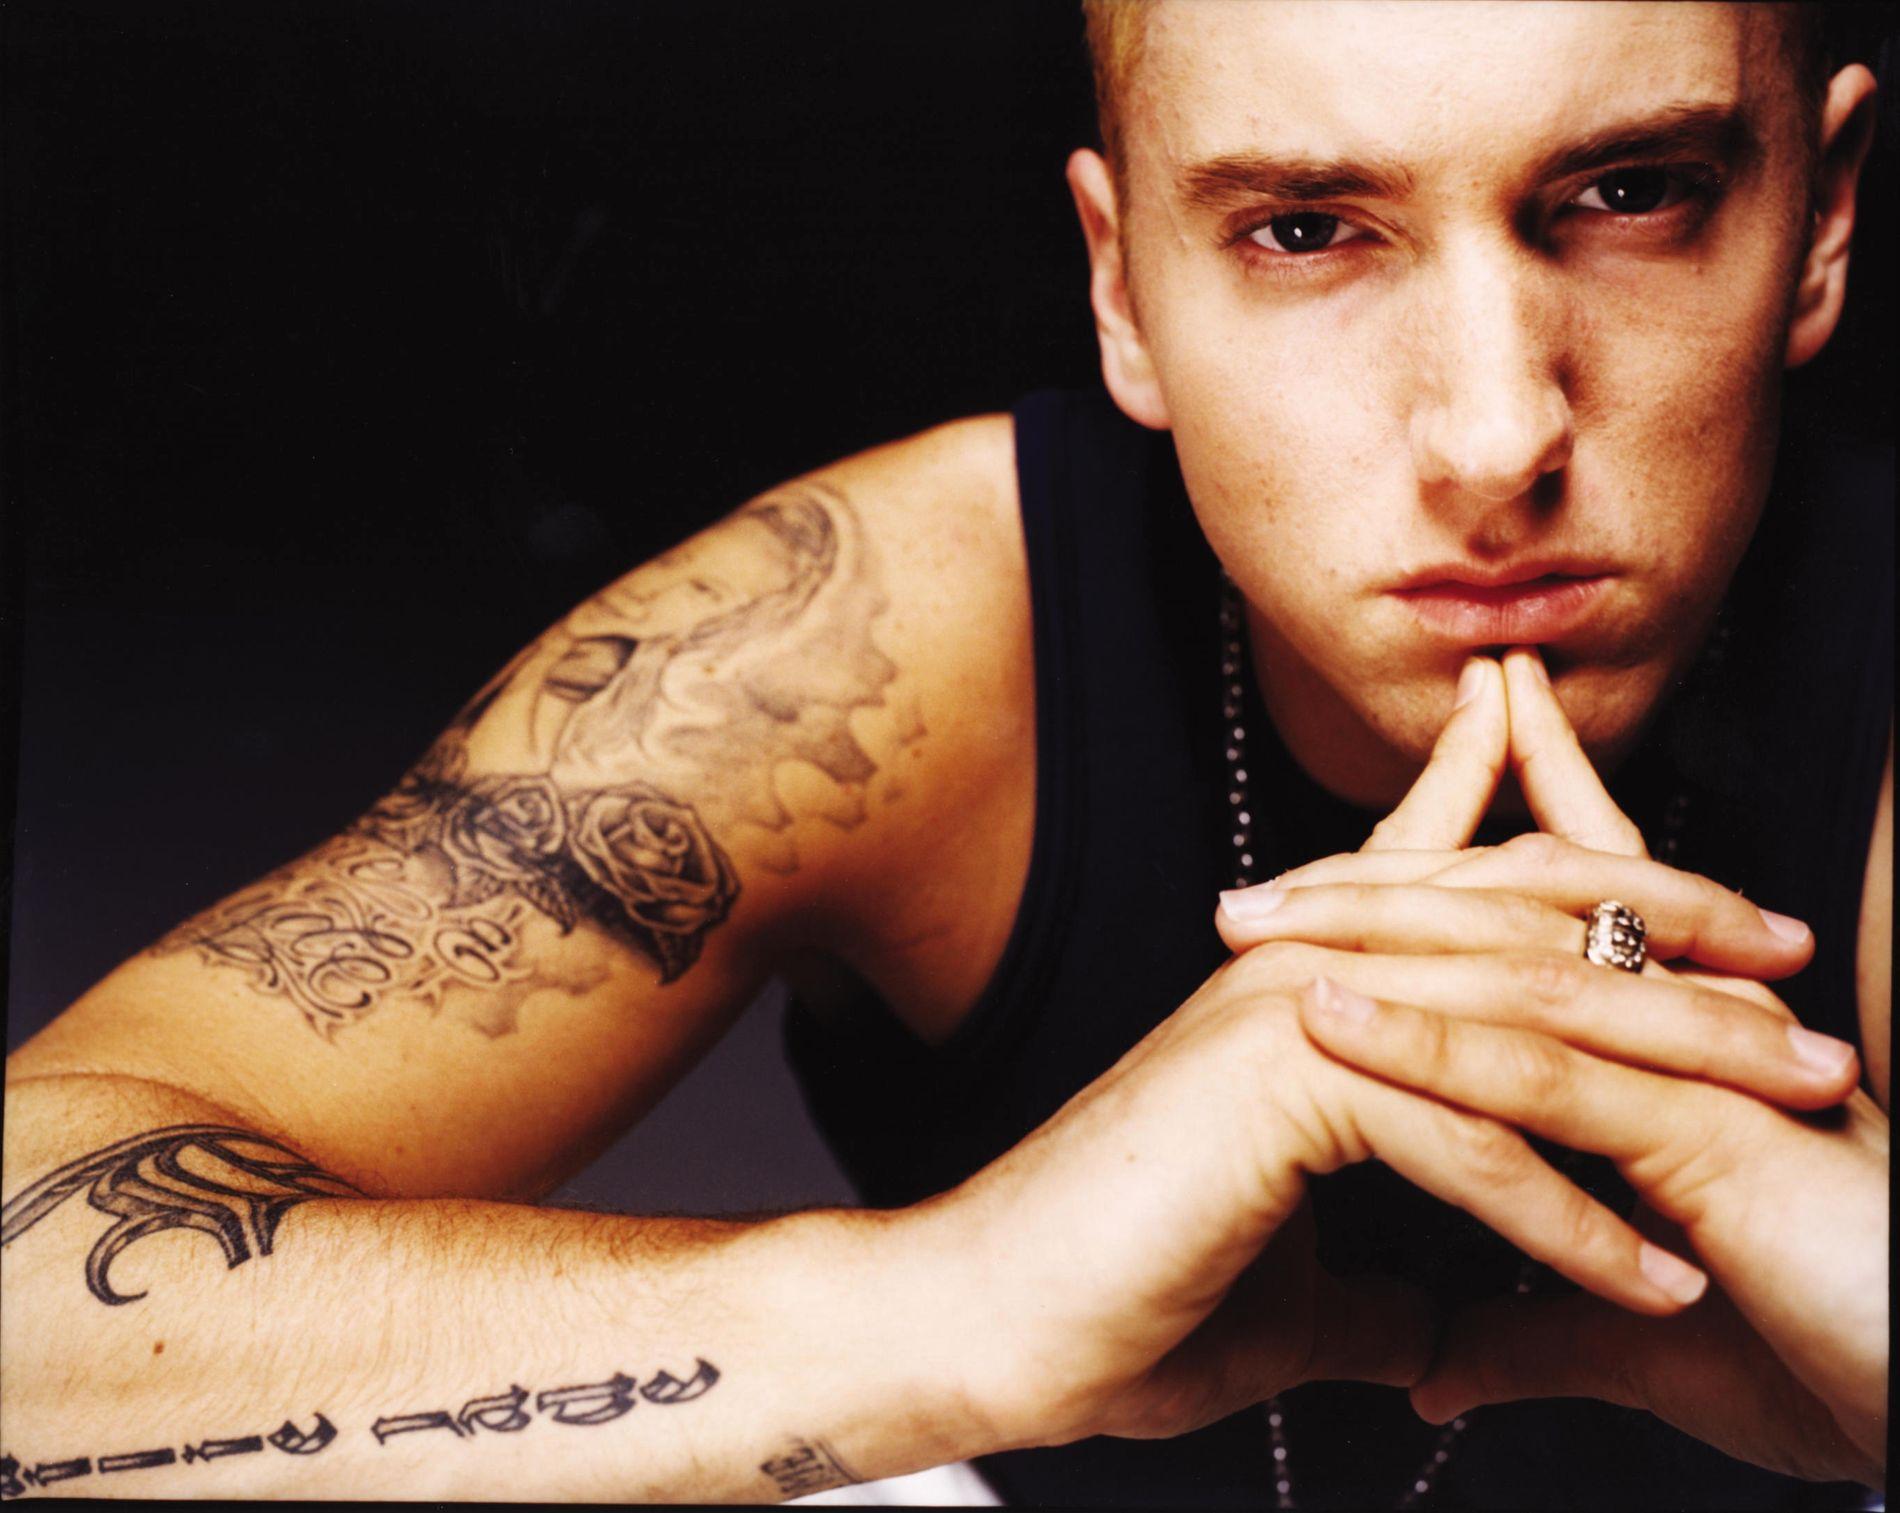 SLÅENDE LIKHET: Eminem, eller Marshall Matters som er hans egentlige navn, i 2002. Bare ett år skiller ham fra Mads Veslelia i dag, og der er kanskje den største forskjellen.